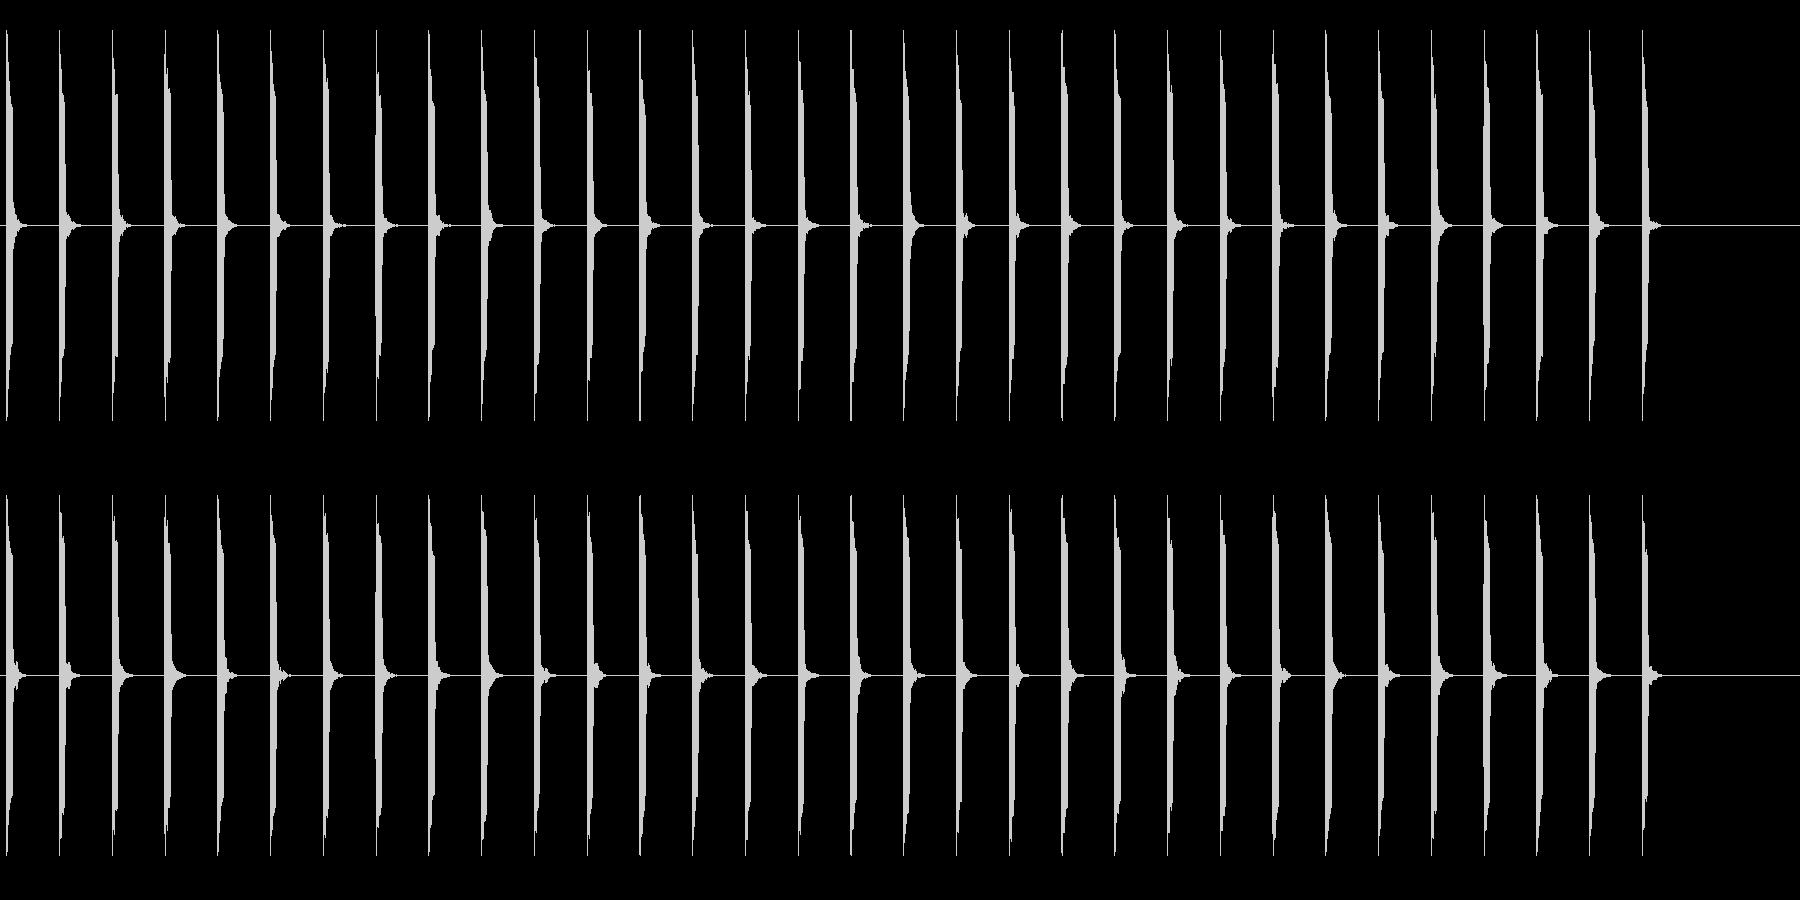 心電図の音-4-2(BPM50)の未再生の波形